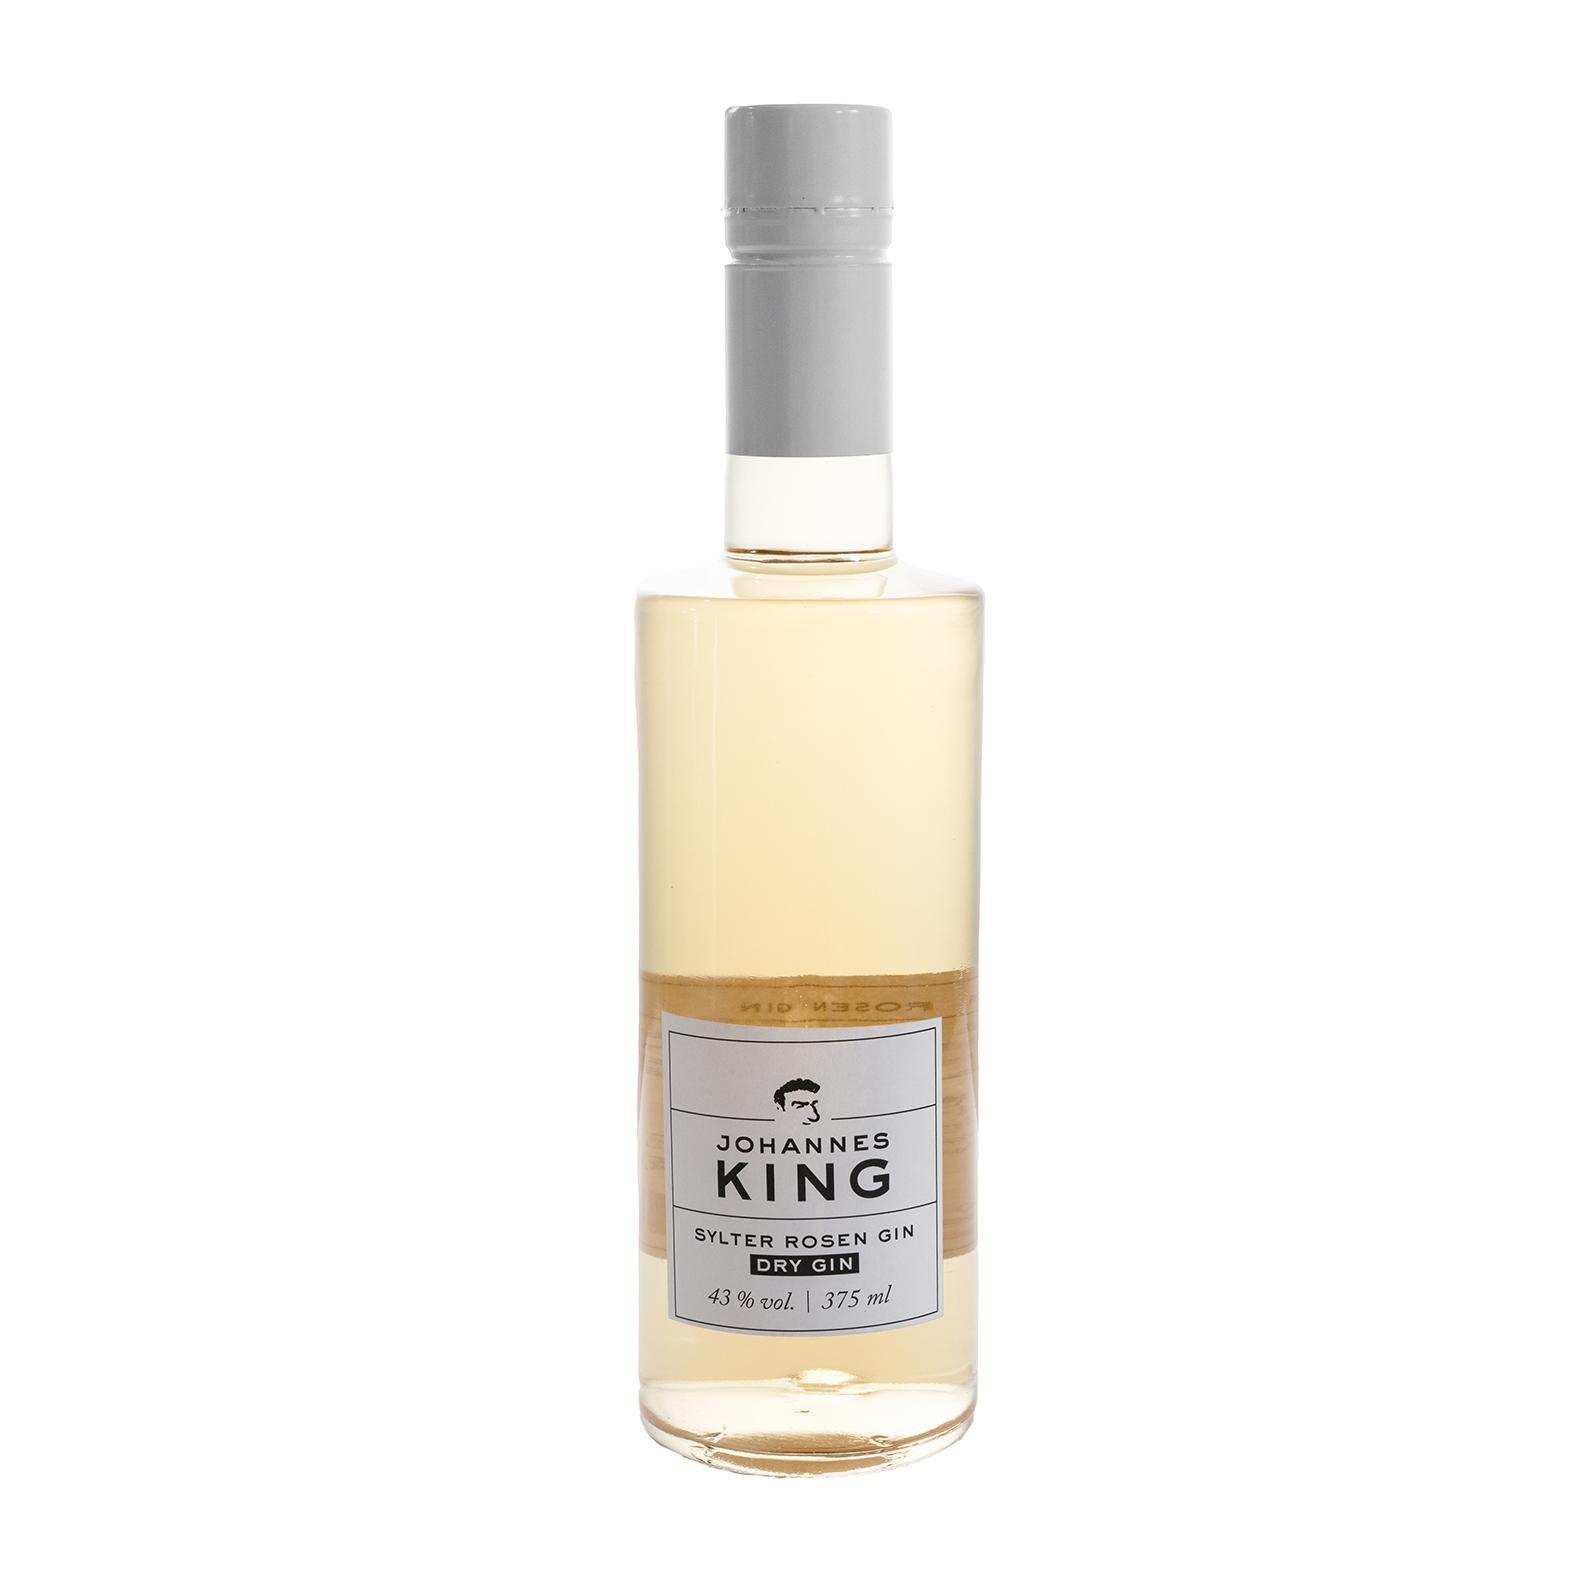 Kings Sylter Rosen Gin 0,375 L